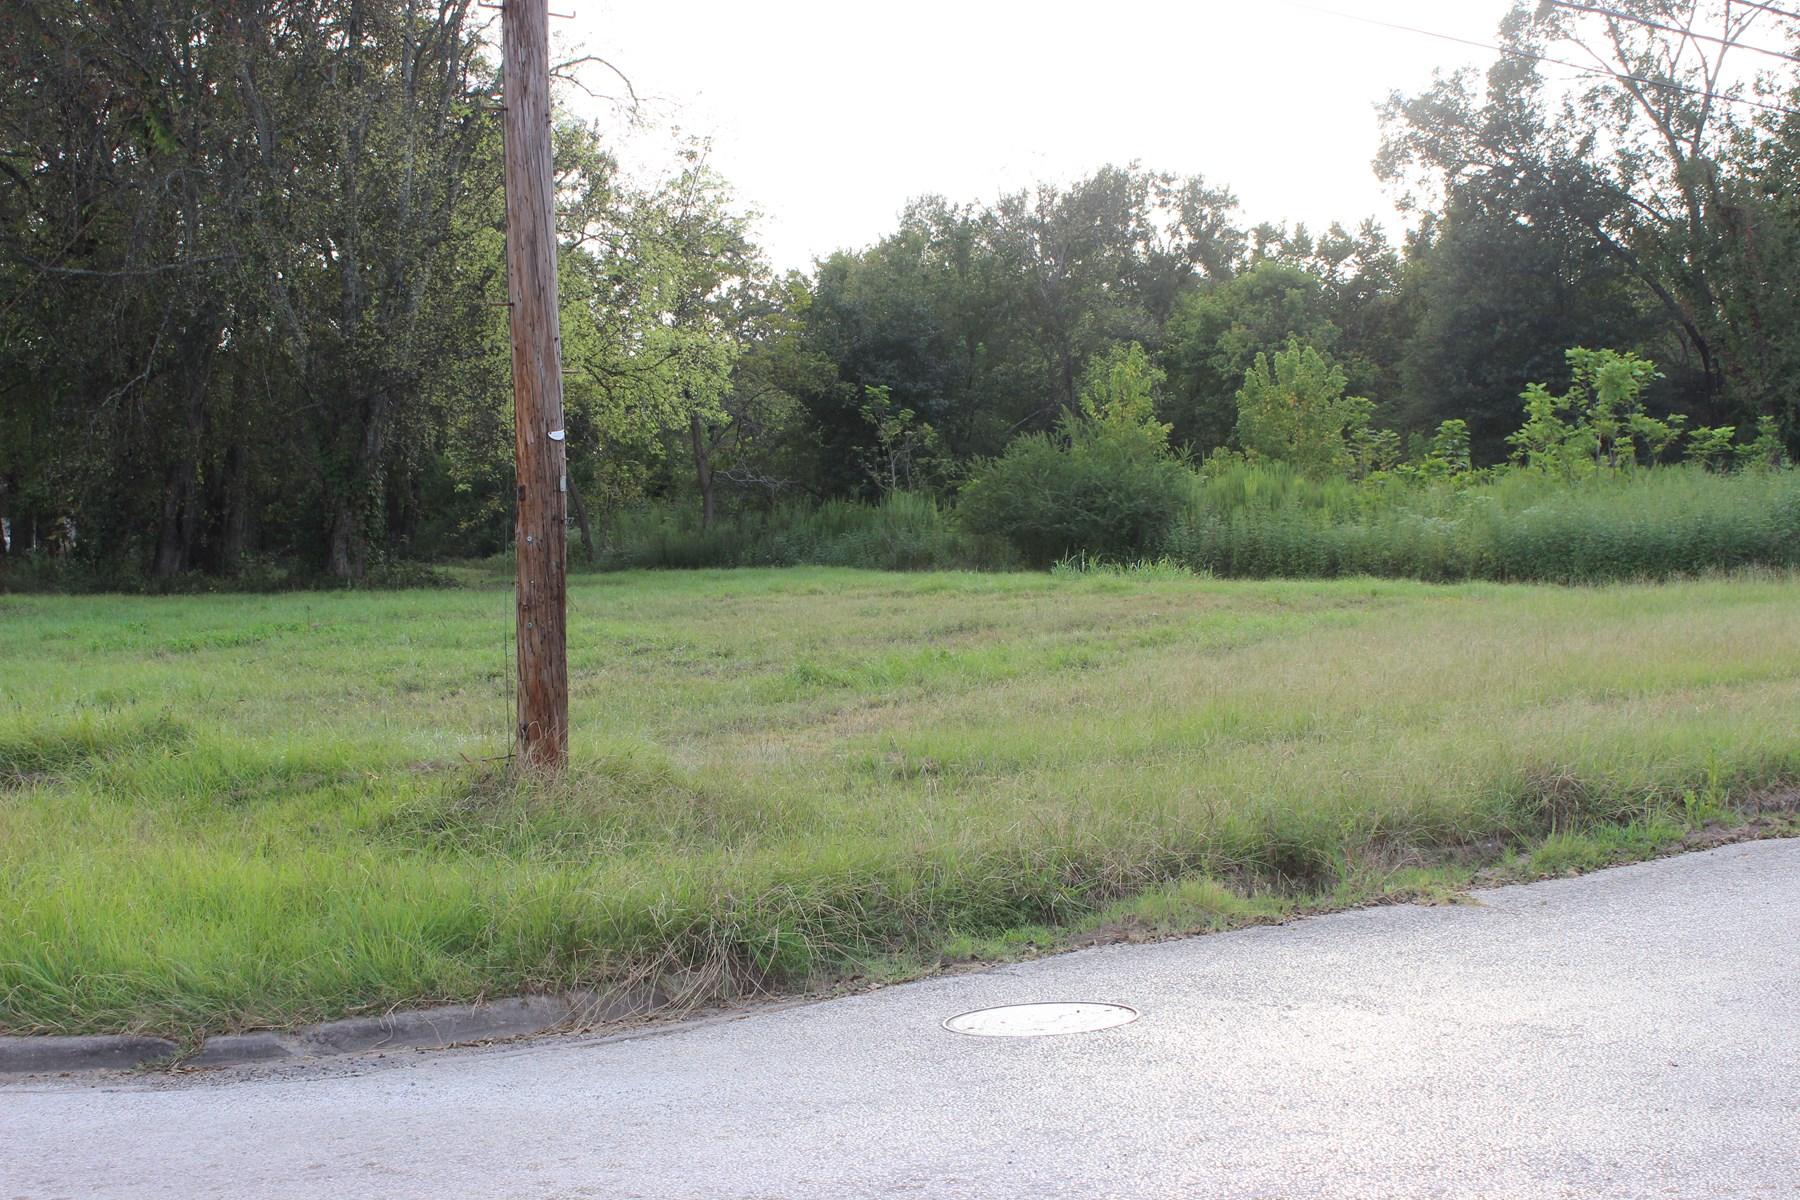 Developmental Residential Land in Longview, TX For Sale!